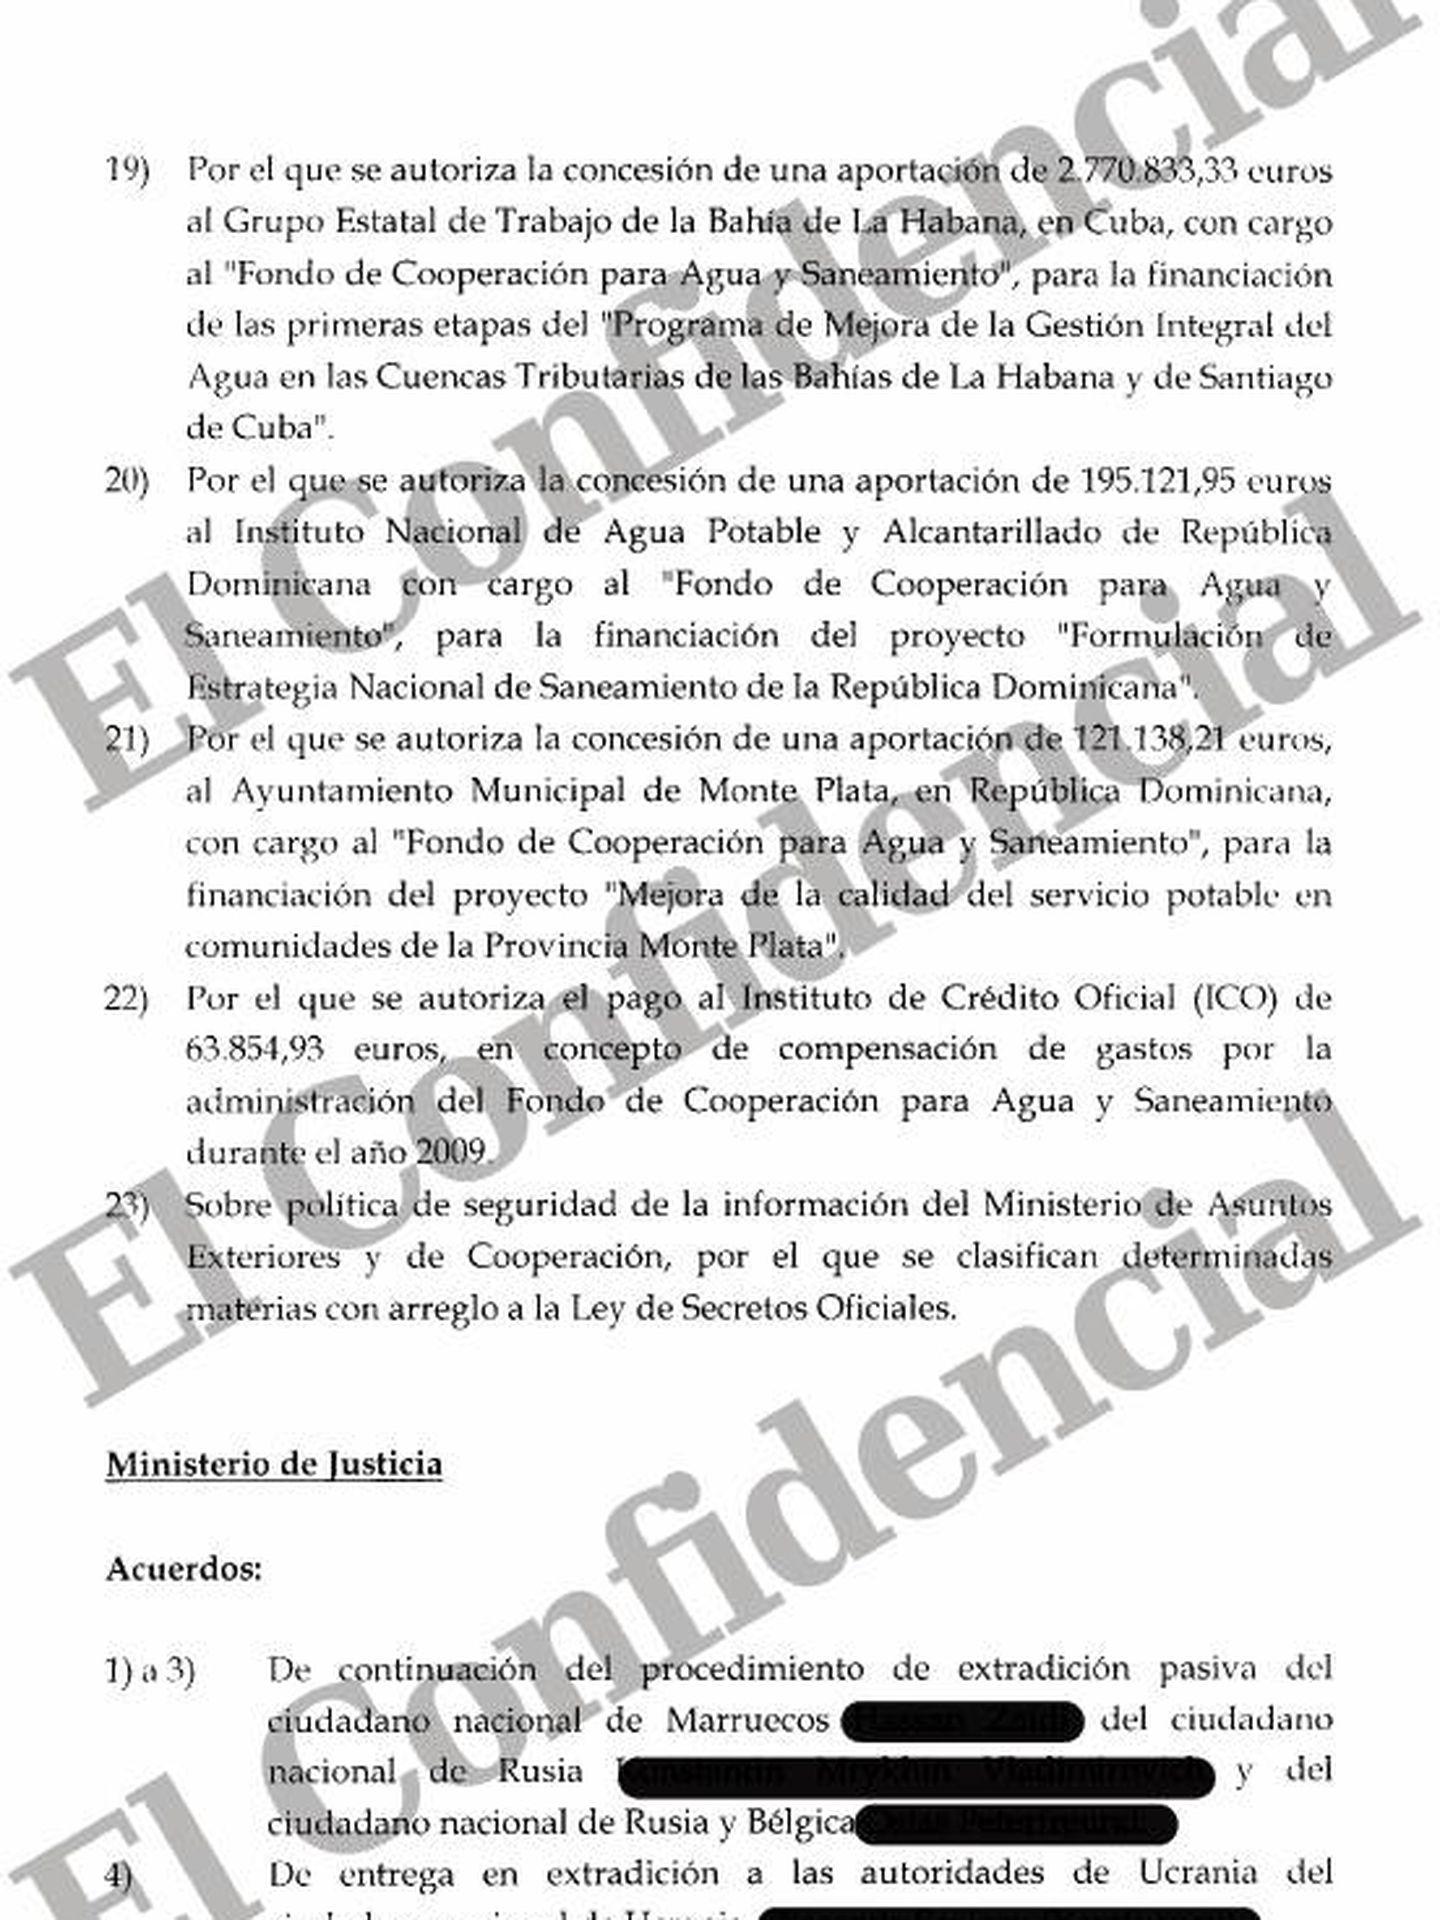 Acta del Consejo de Ministros con la clasificación de determinadas materias de Exteriores.